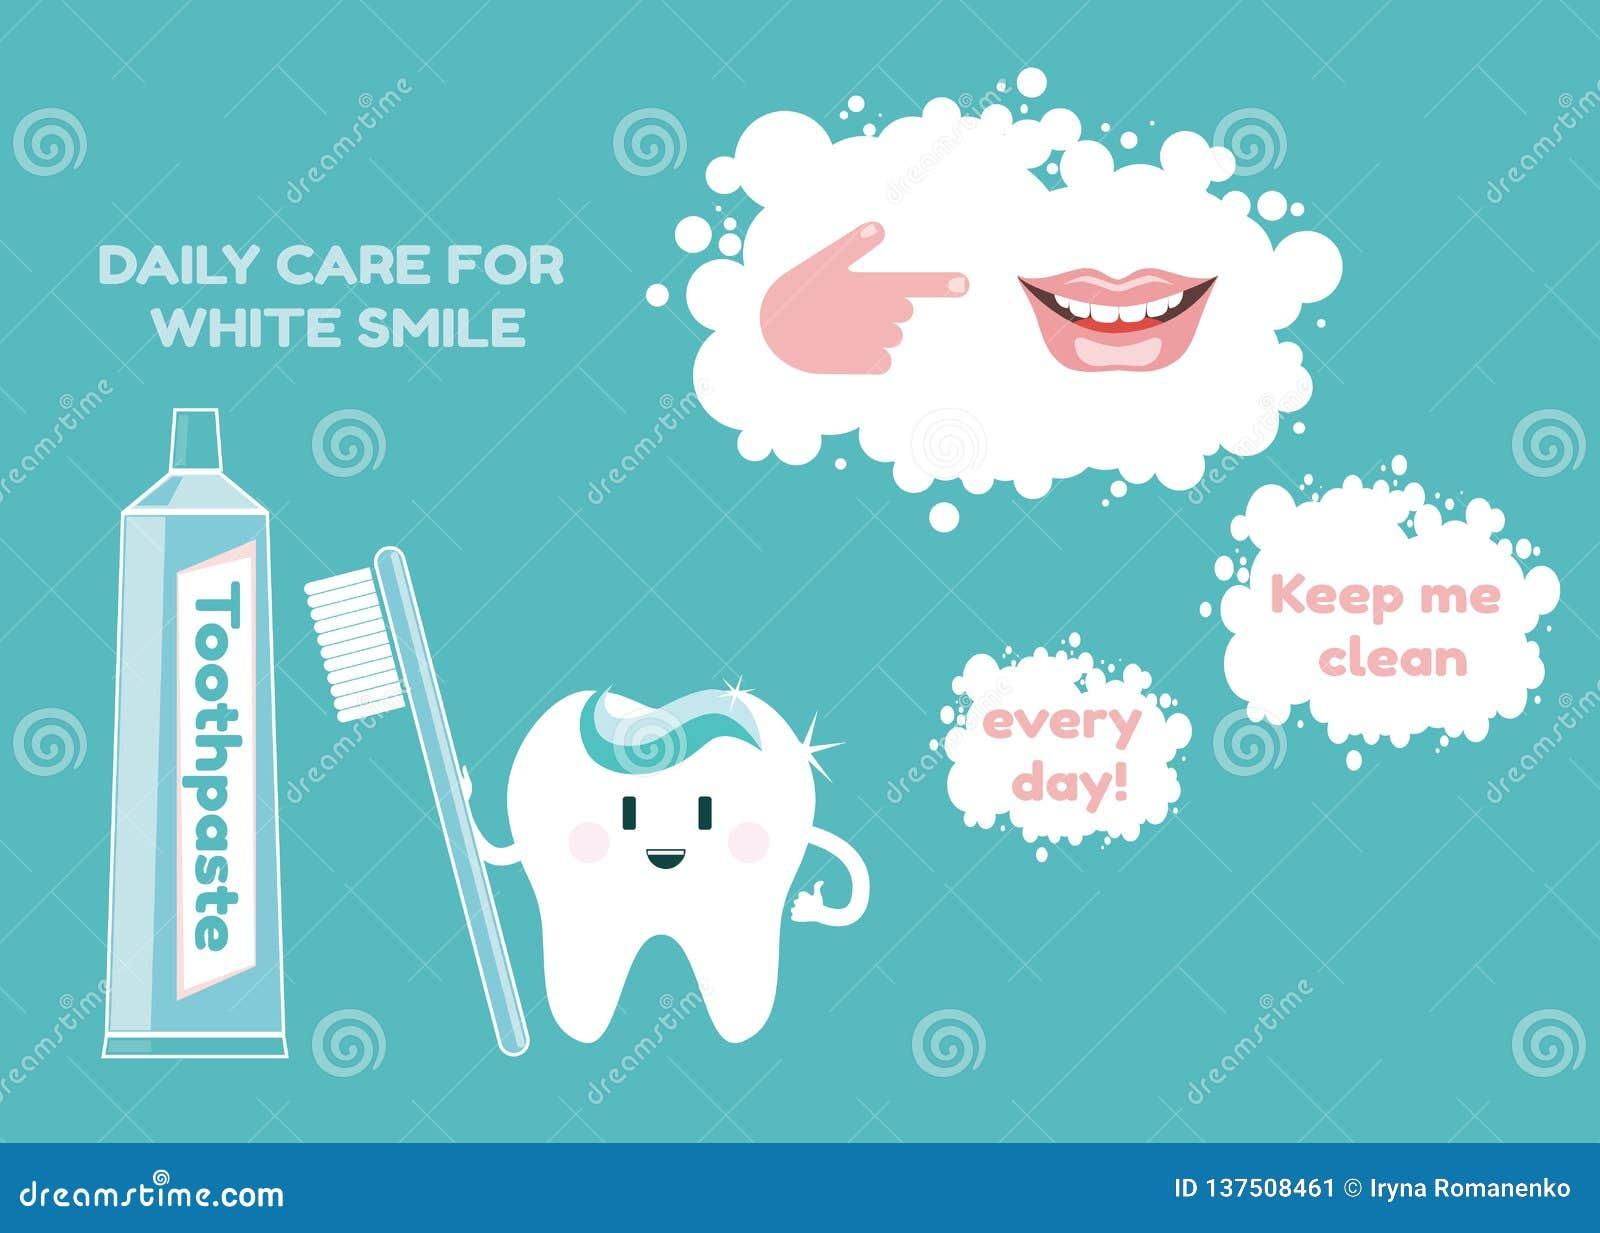 Pâte dentifrice, brosse à dents, sourire blanc comme neige et